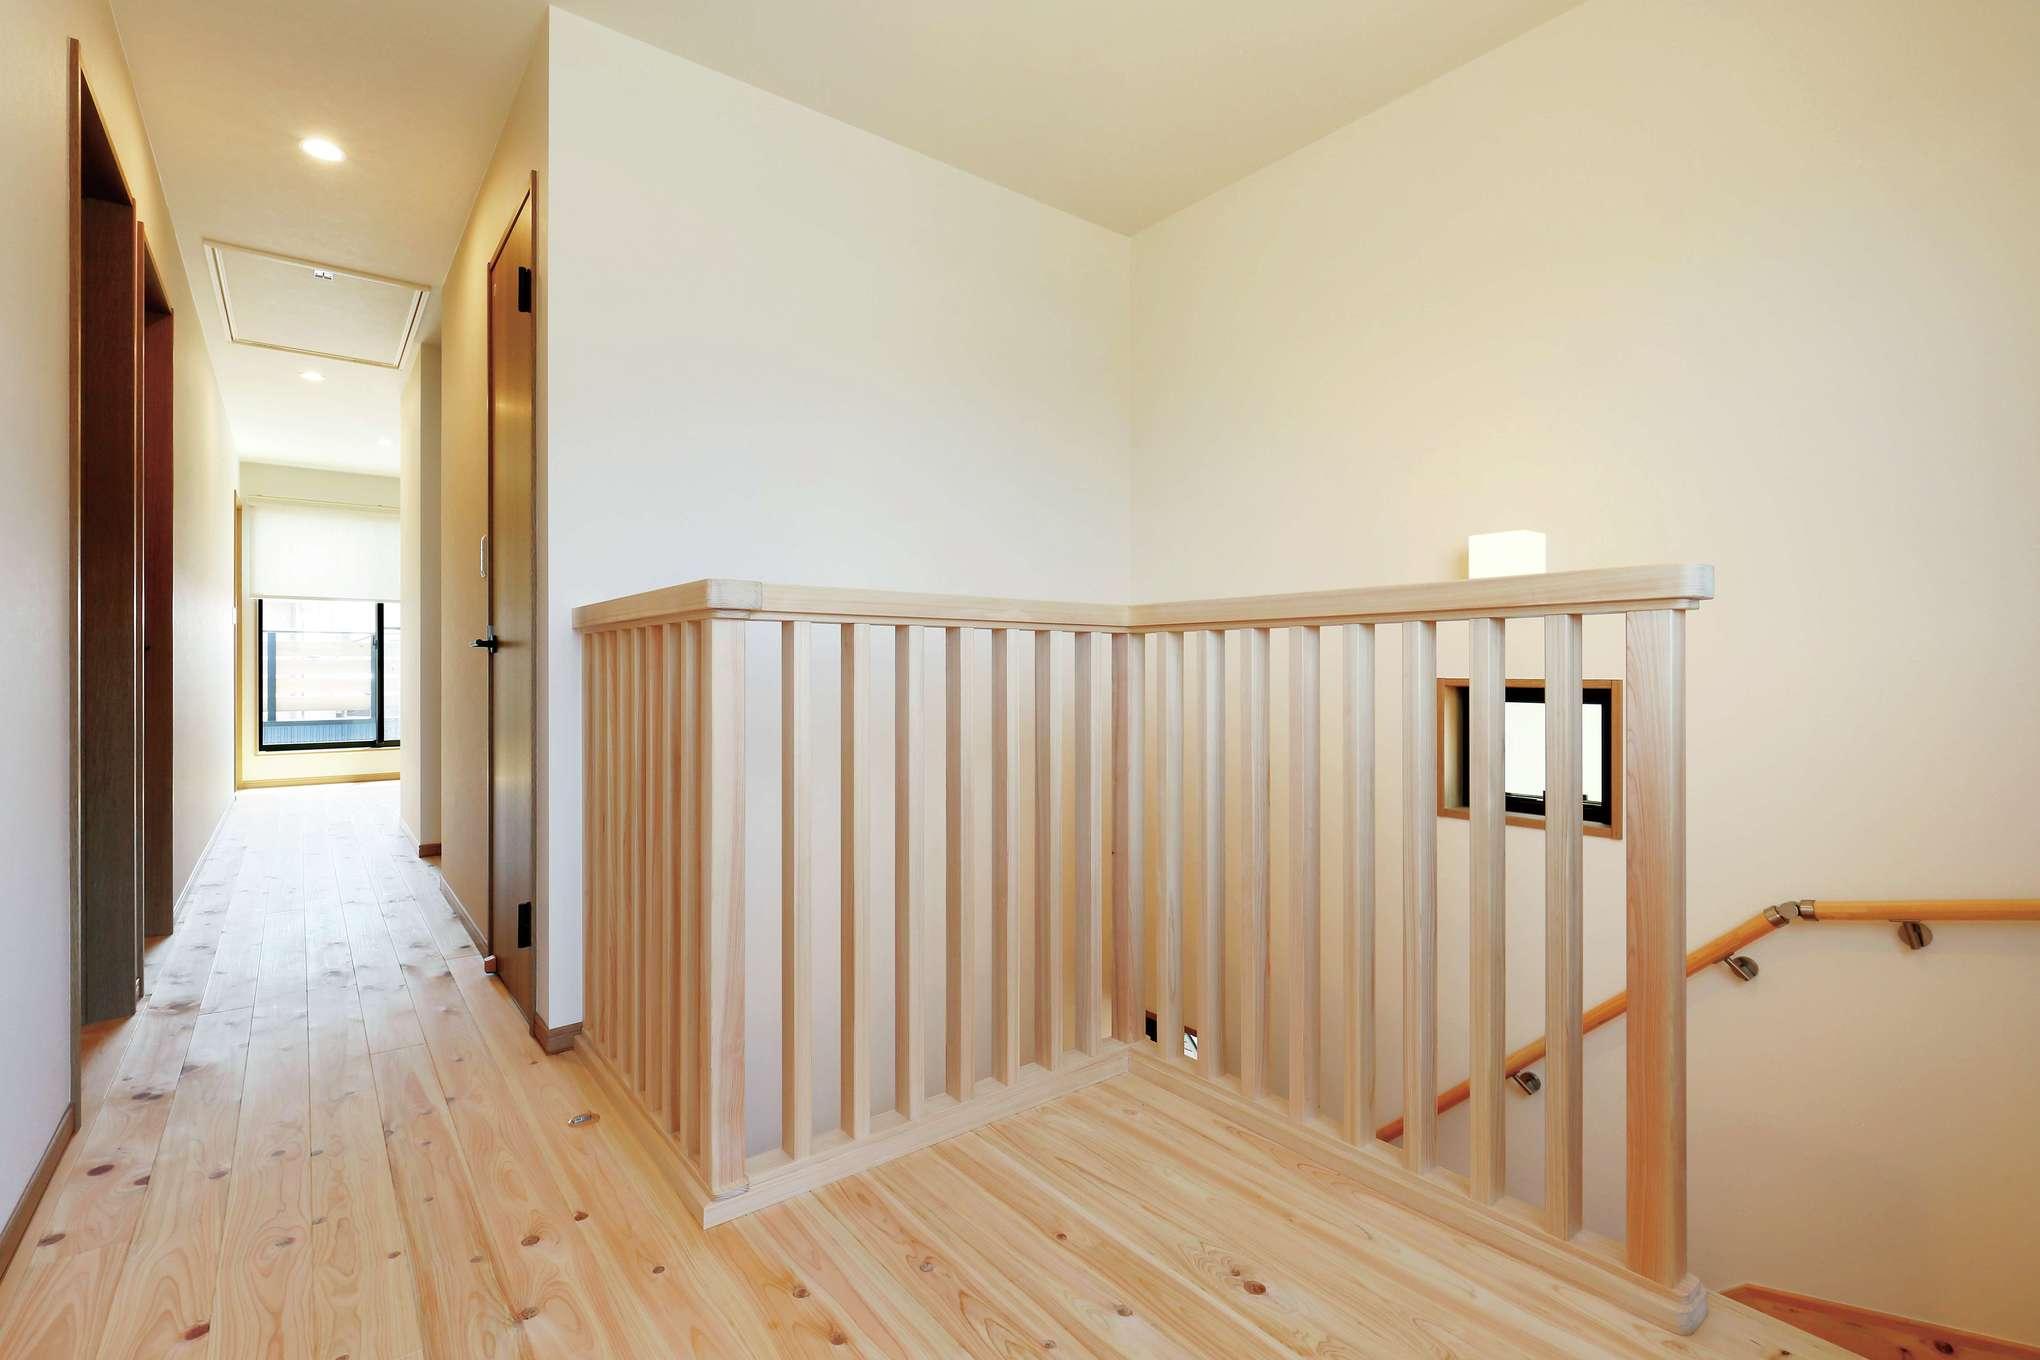 フジモクの家(富士木材)【デザイン住宅、収納力、自然素材】目線が遠くまで抜けて開放感あふれるフリースペース。大きな開口部からたっぷりの光と風を招き入れる